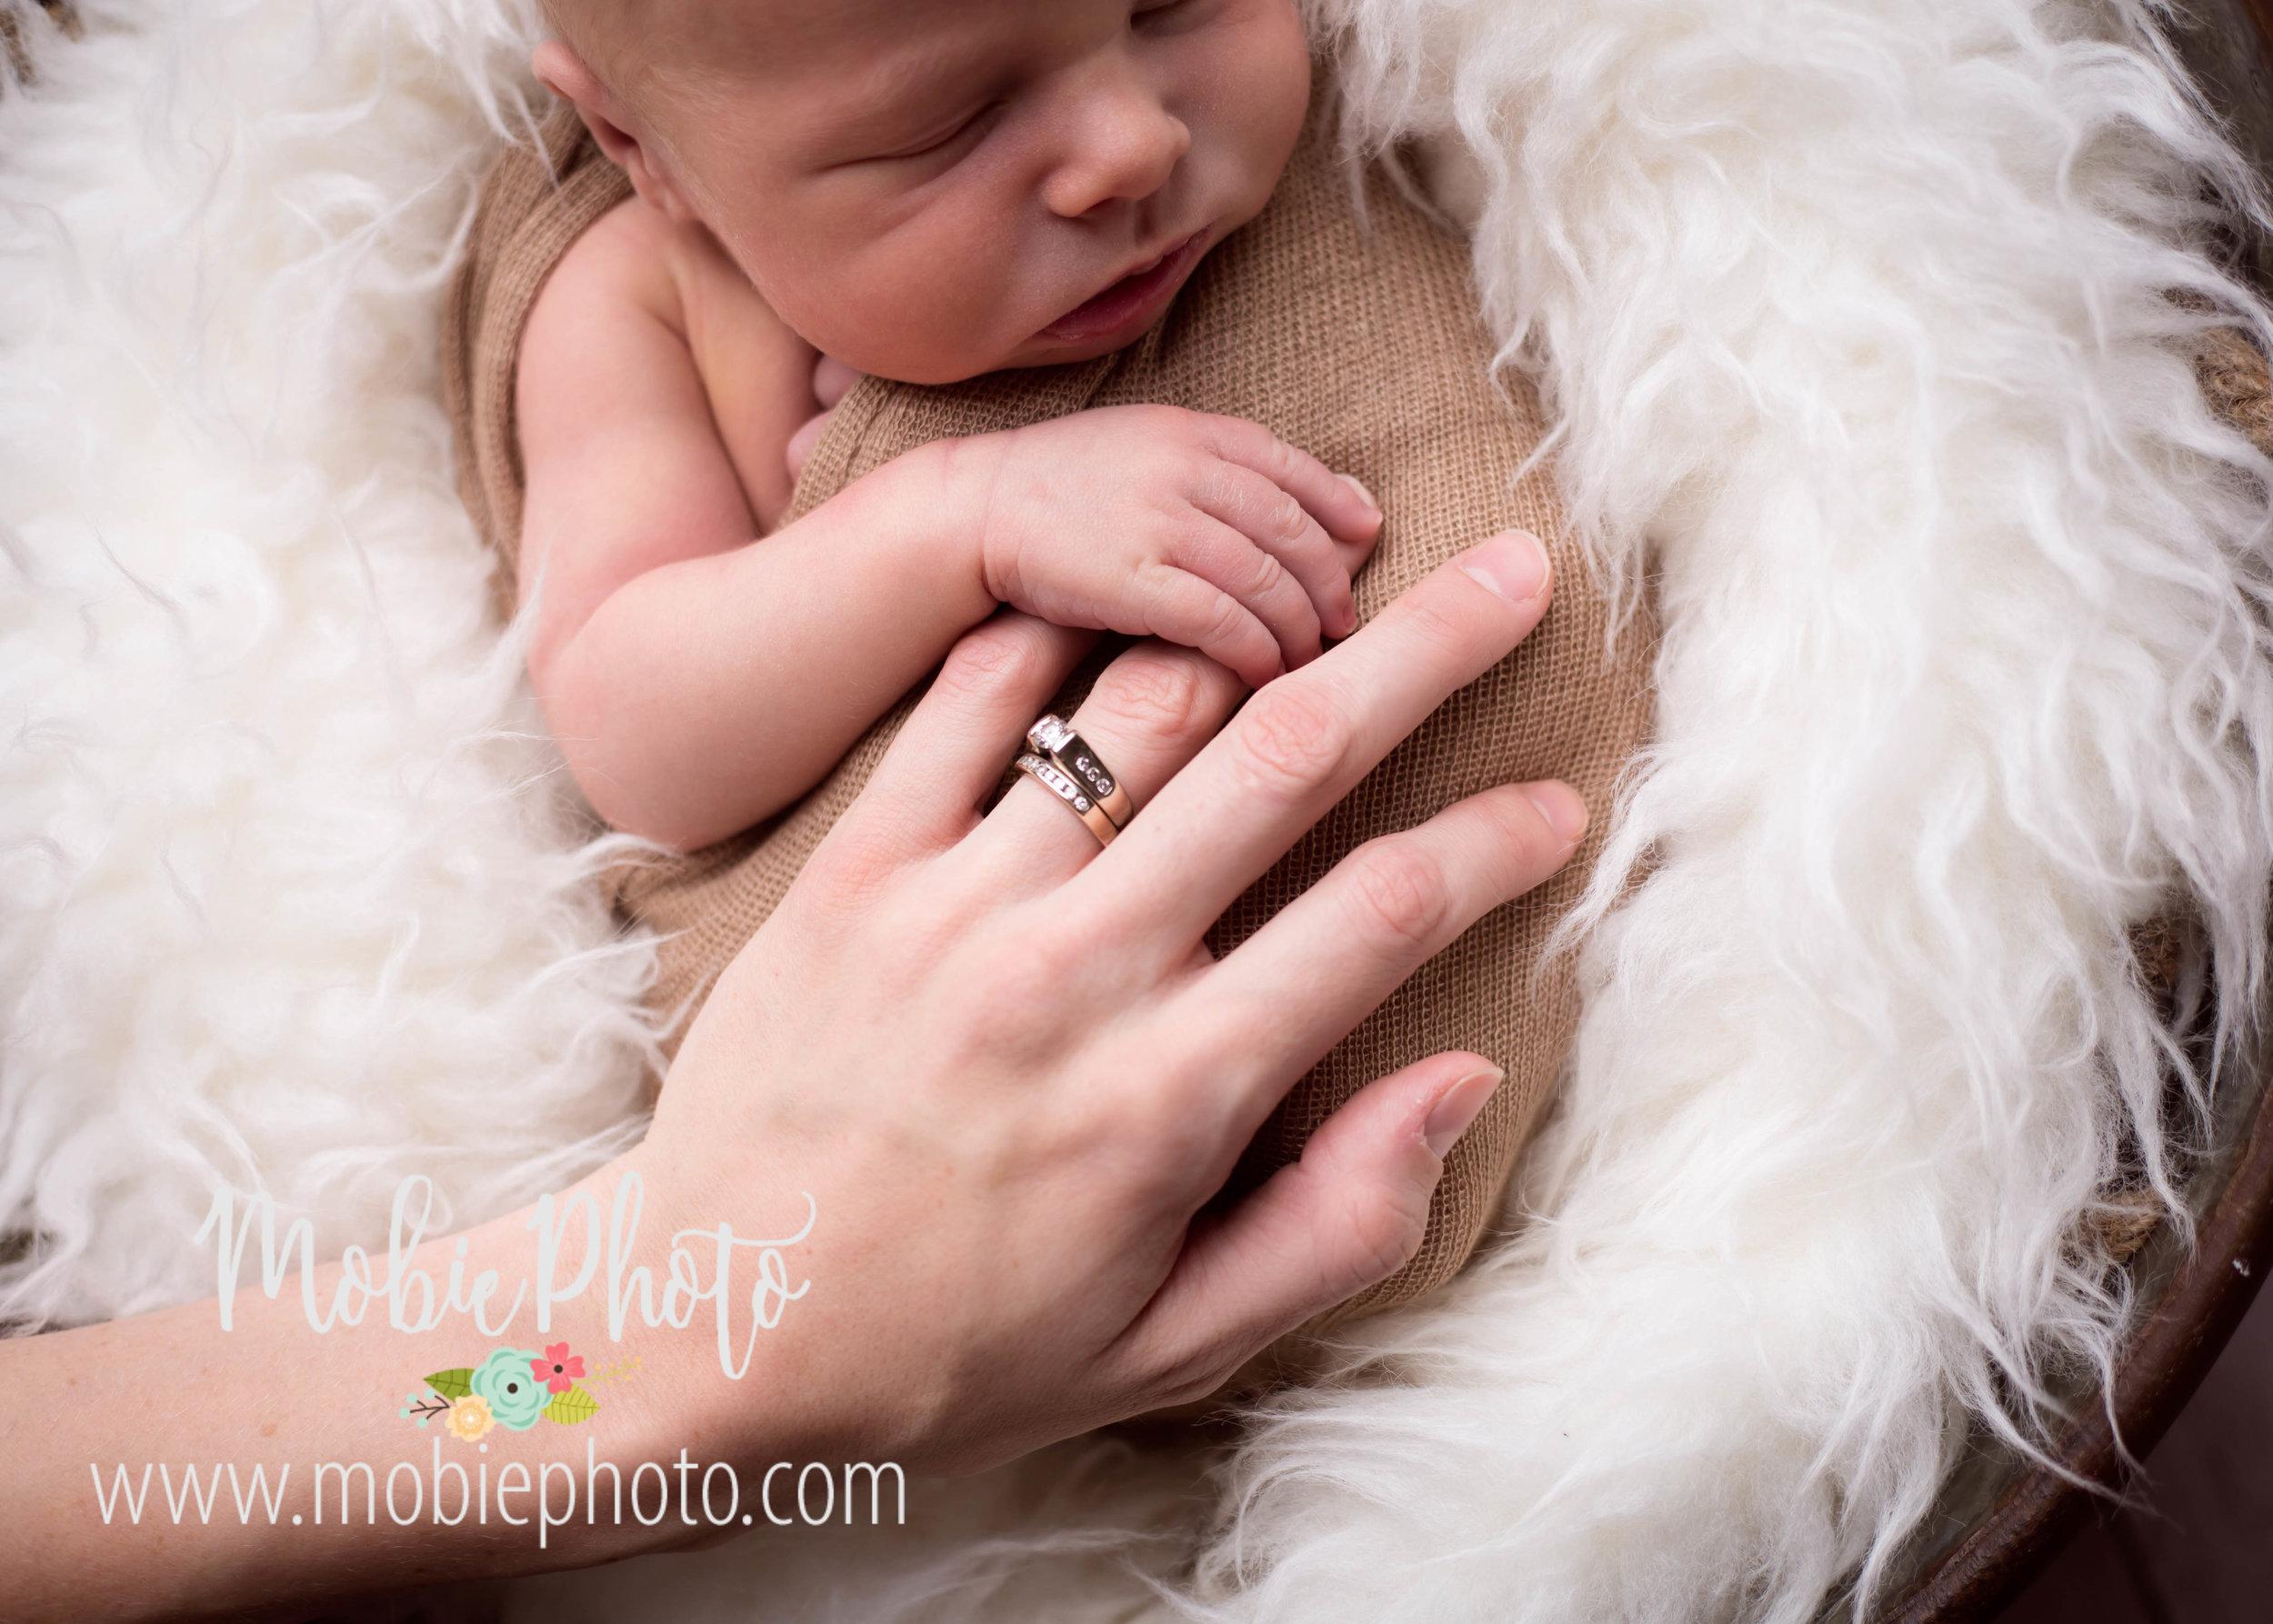 Mobie Photo - Utah Newborn Photographer - Lehi, Utah